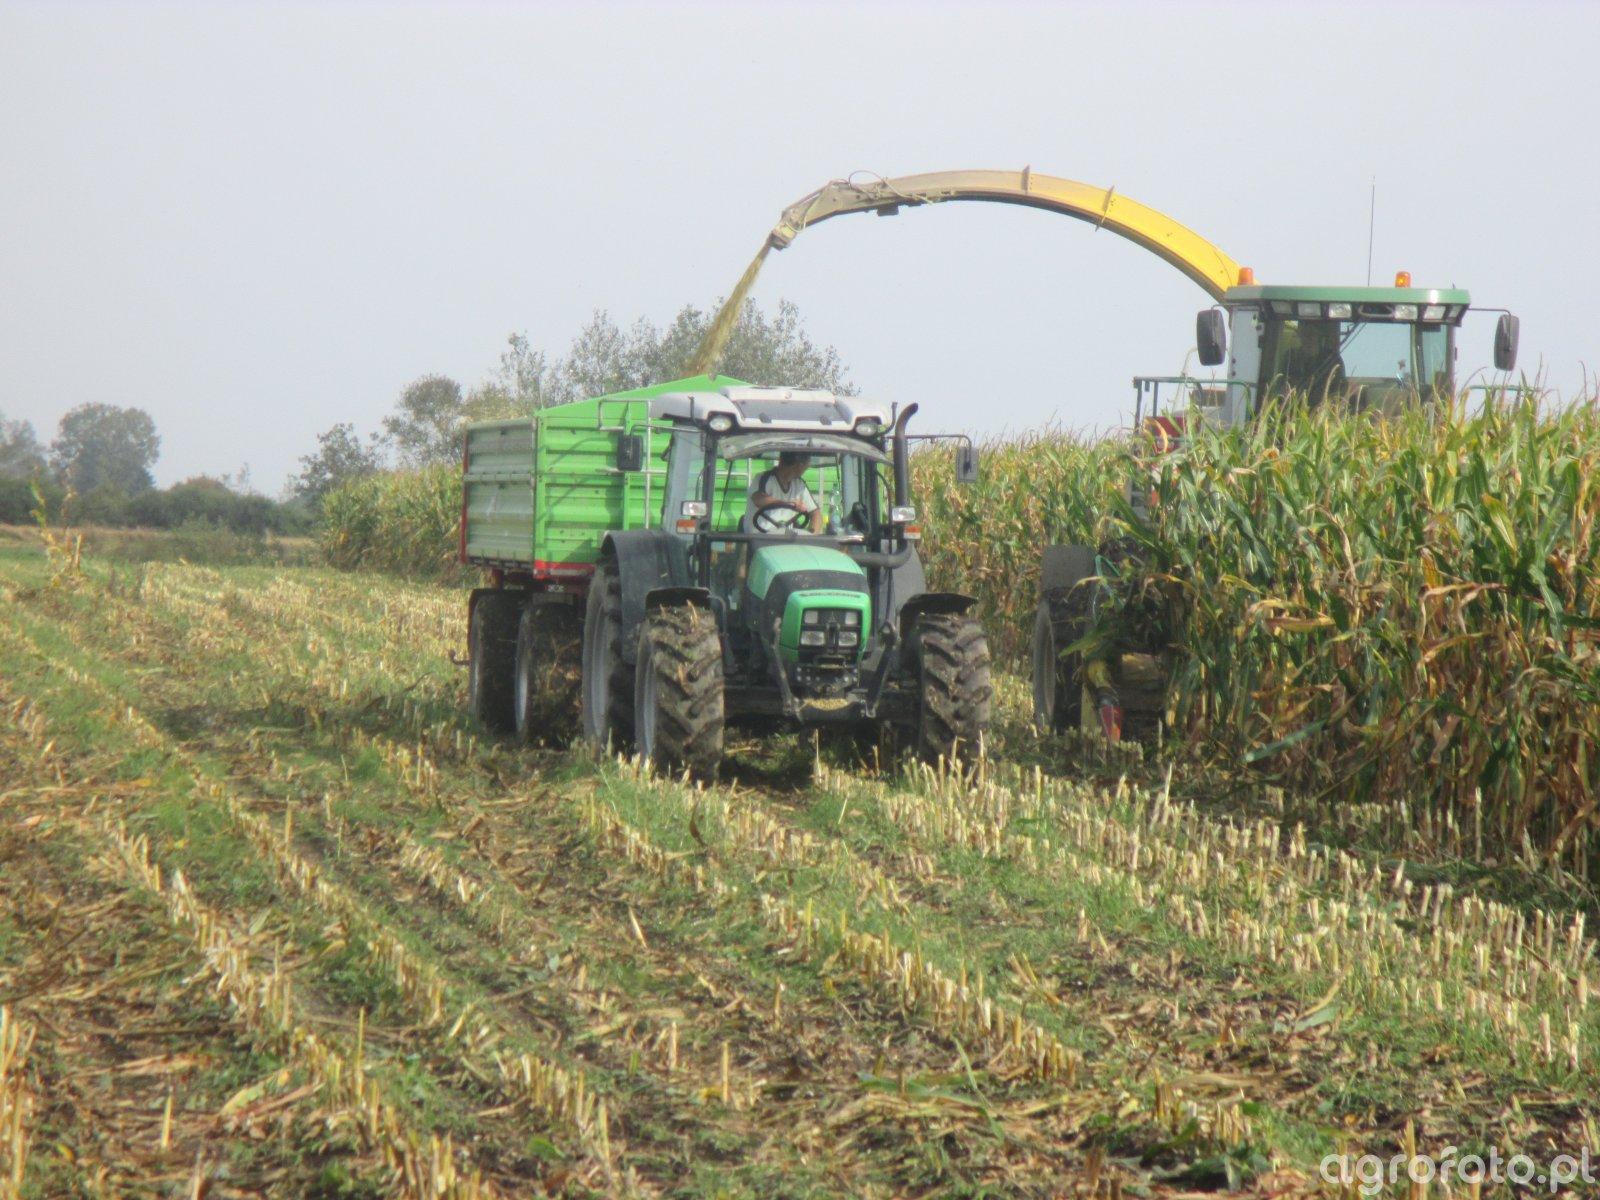 Deutz-Fahr Agrofarm 430 i Unia Brzeg P-10 Long oraz John Deere 7400